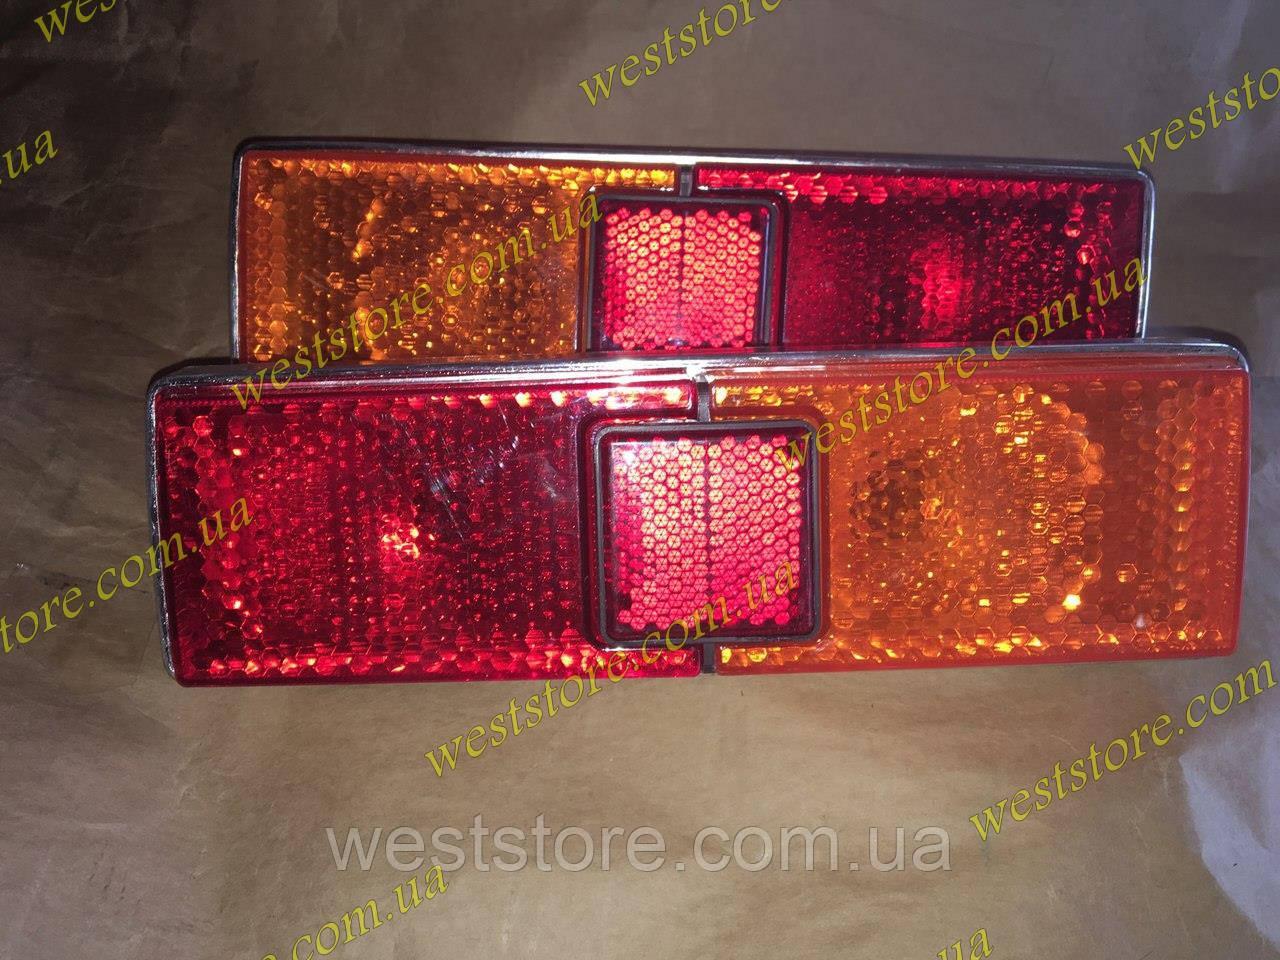 Фонари задние Ваз 21011/21013 корпус Хром желто/красные Формула Света (к-кт 2шт) корпус пластик